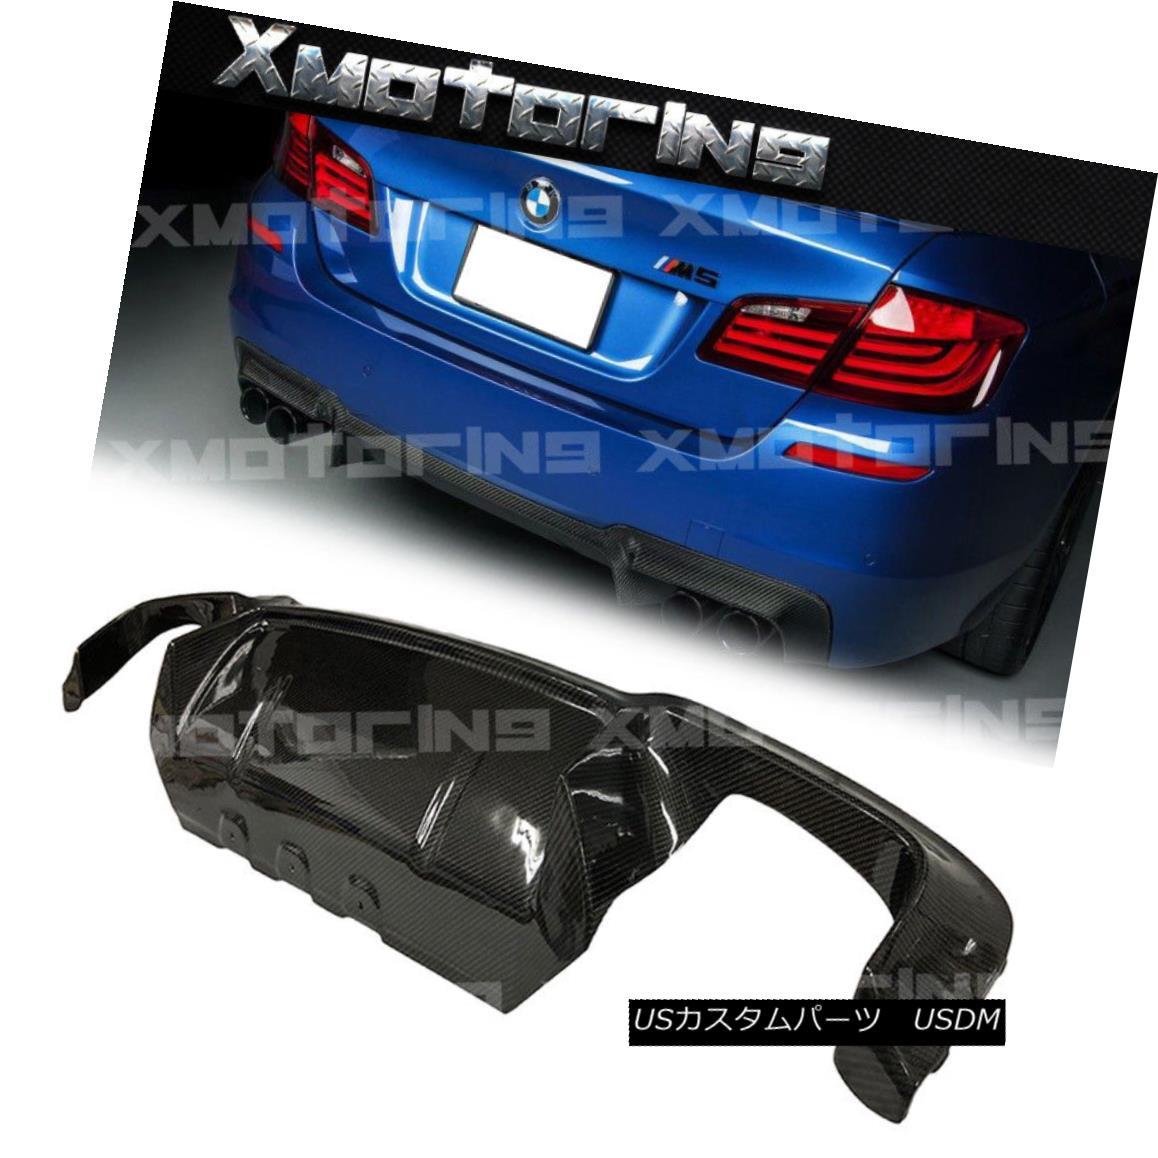 エアロパーツ Carbon Fiber OE Style Rear Replacement Diffuser For 12-16 BMW F10 M5 Bumper 12-16 BMW F10 M5バンパーのためのカーボンファイバーOEスタイルリアの交換ディフューザー